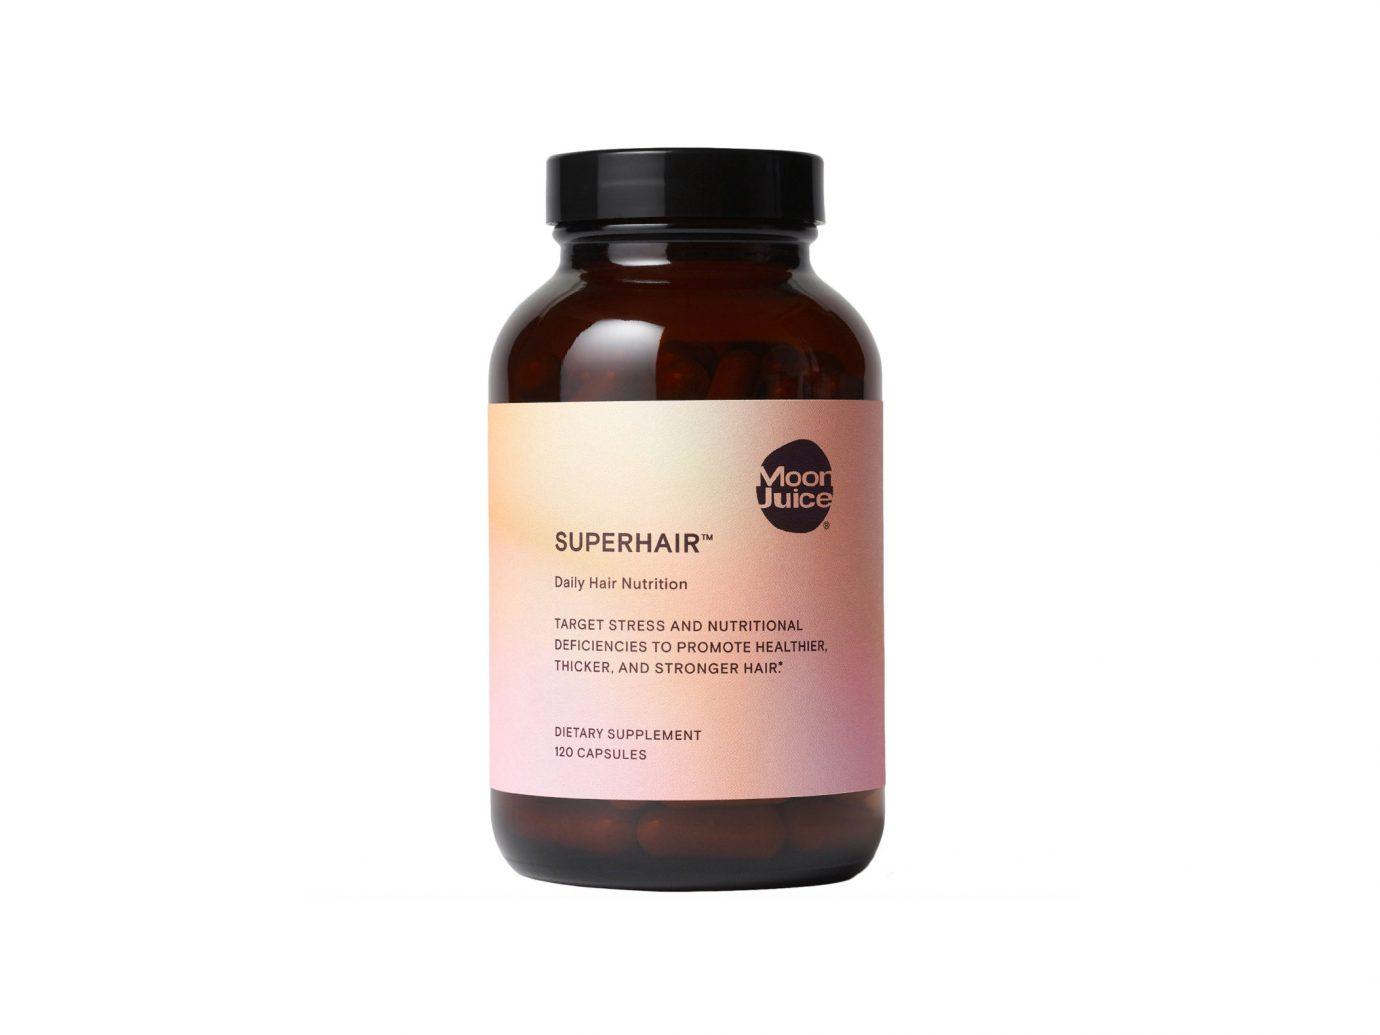 Moon Juice SuperHair Daily Hair Nutrition